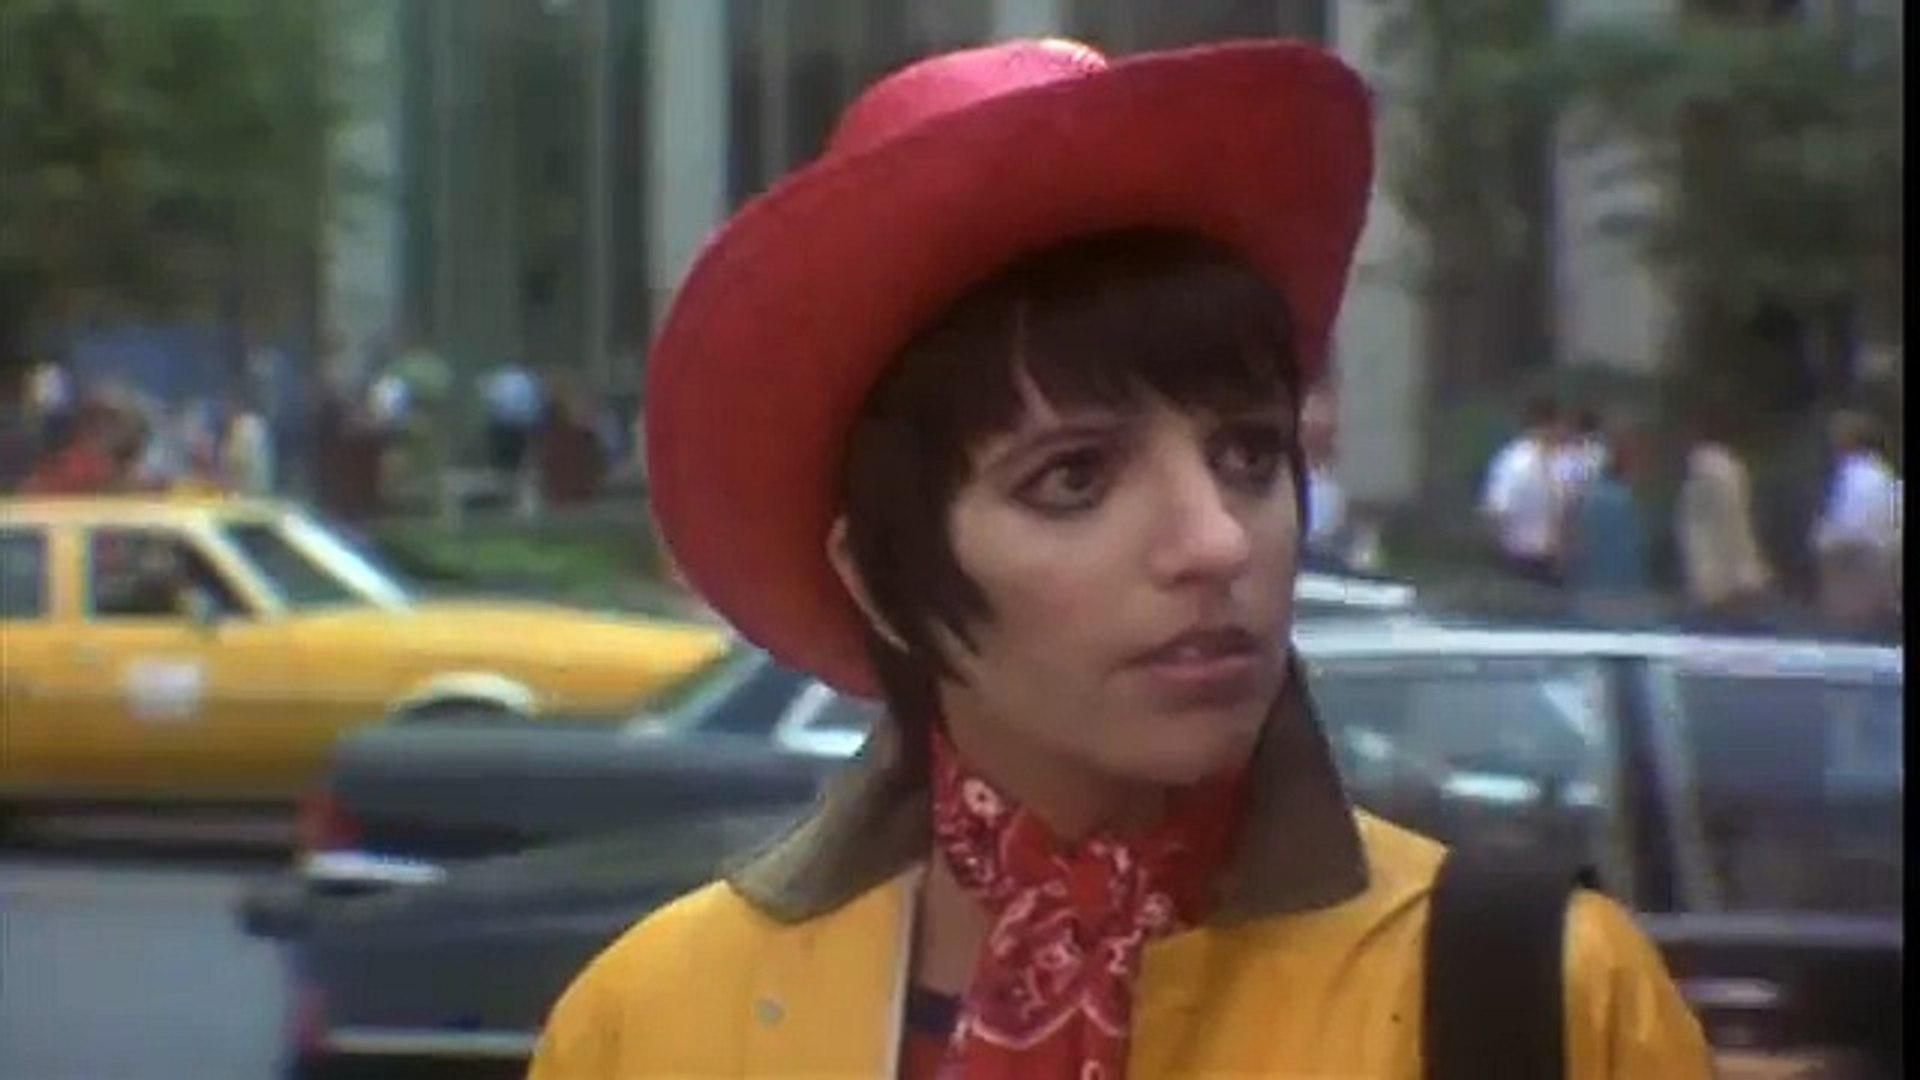 Arthur (1981) - Dudley Moore, Liza Minnelli - Trailer (Comedy/Romance)